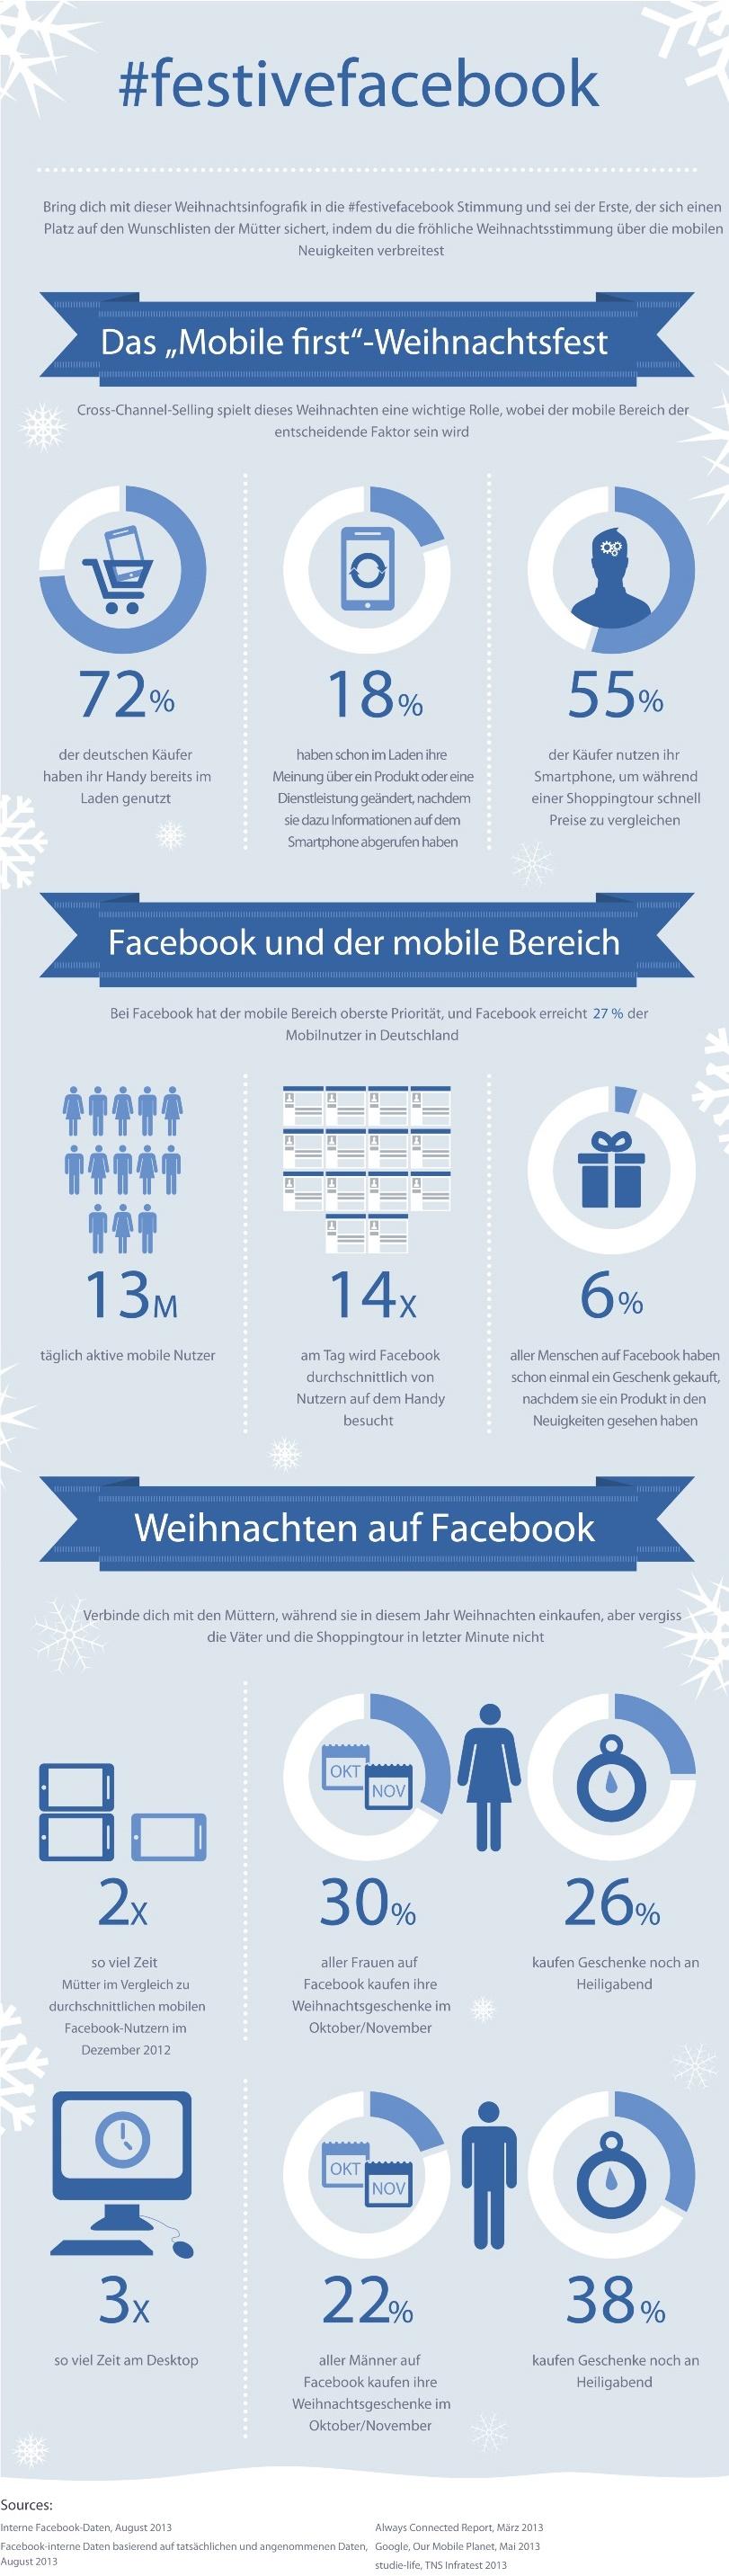 FacebookWeihnachten